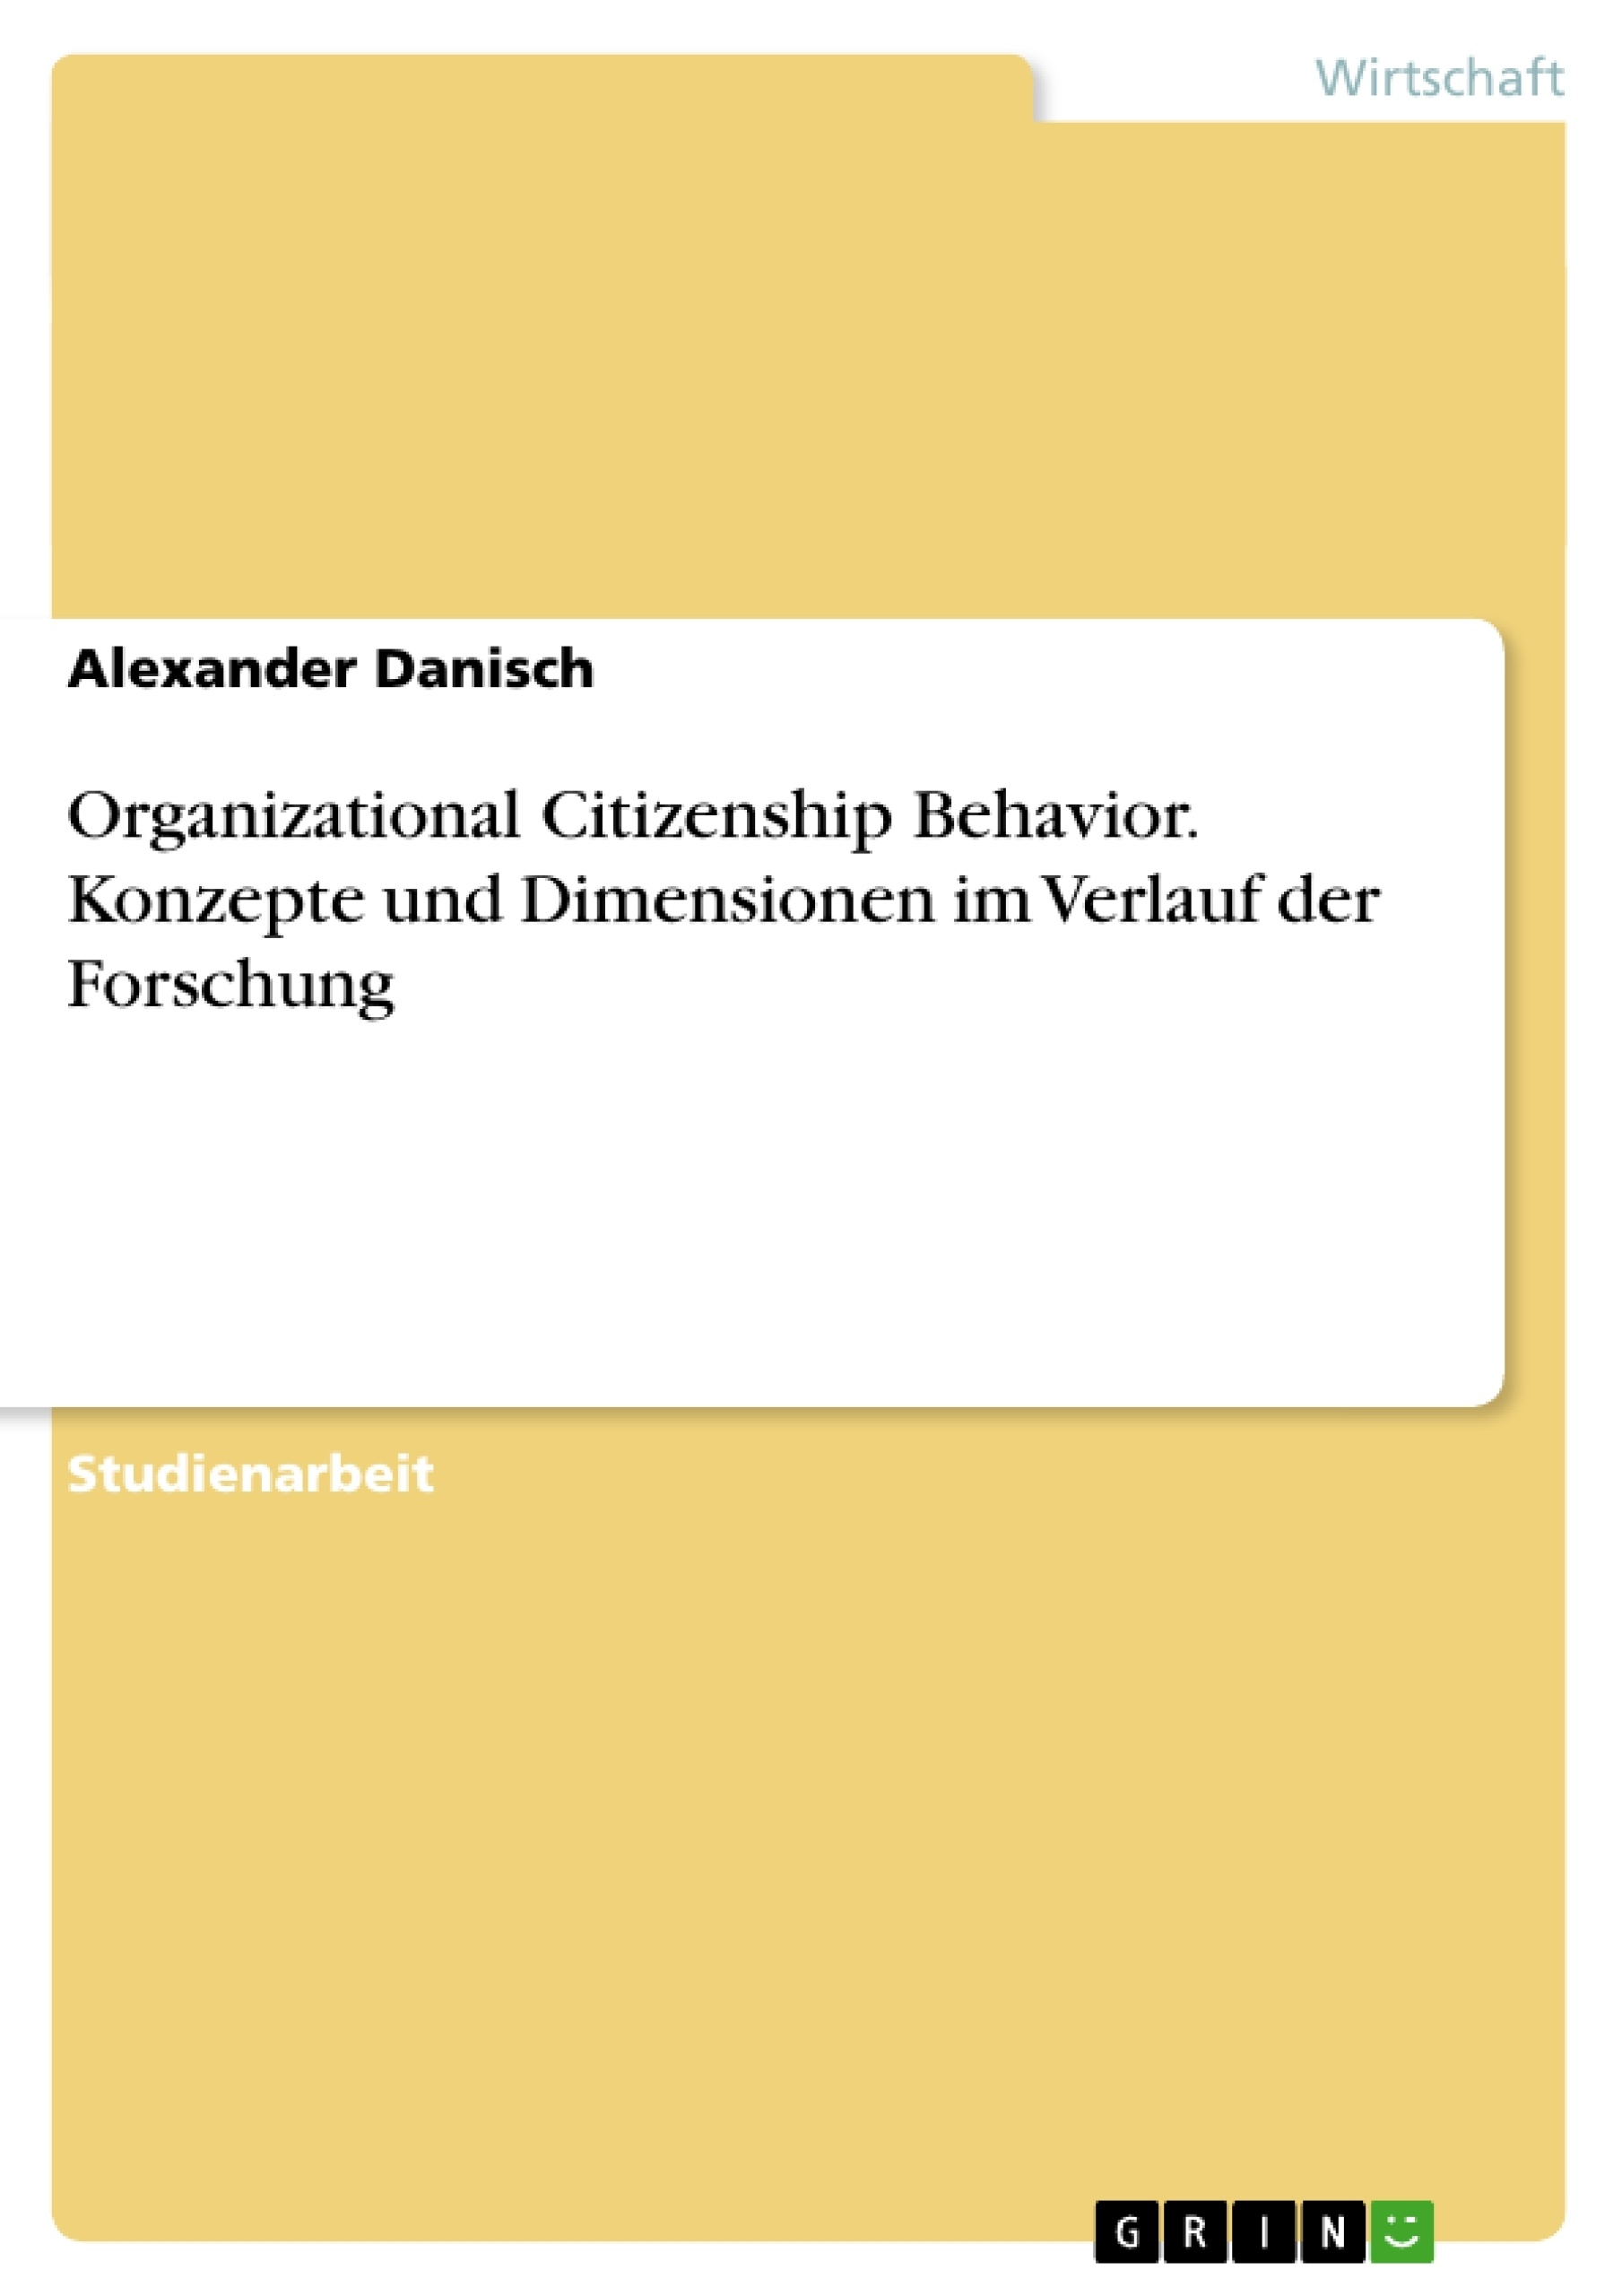 Titel: Organizational Citizenship Behavior. Konzepte und Dimensionen im Verlauf der Forschung